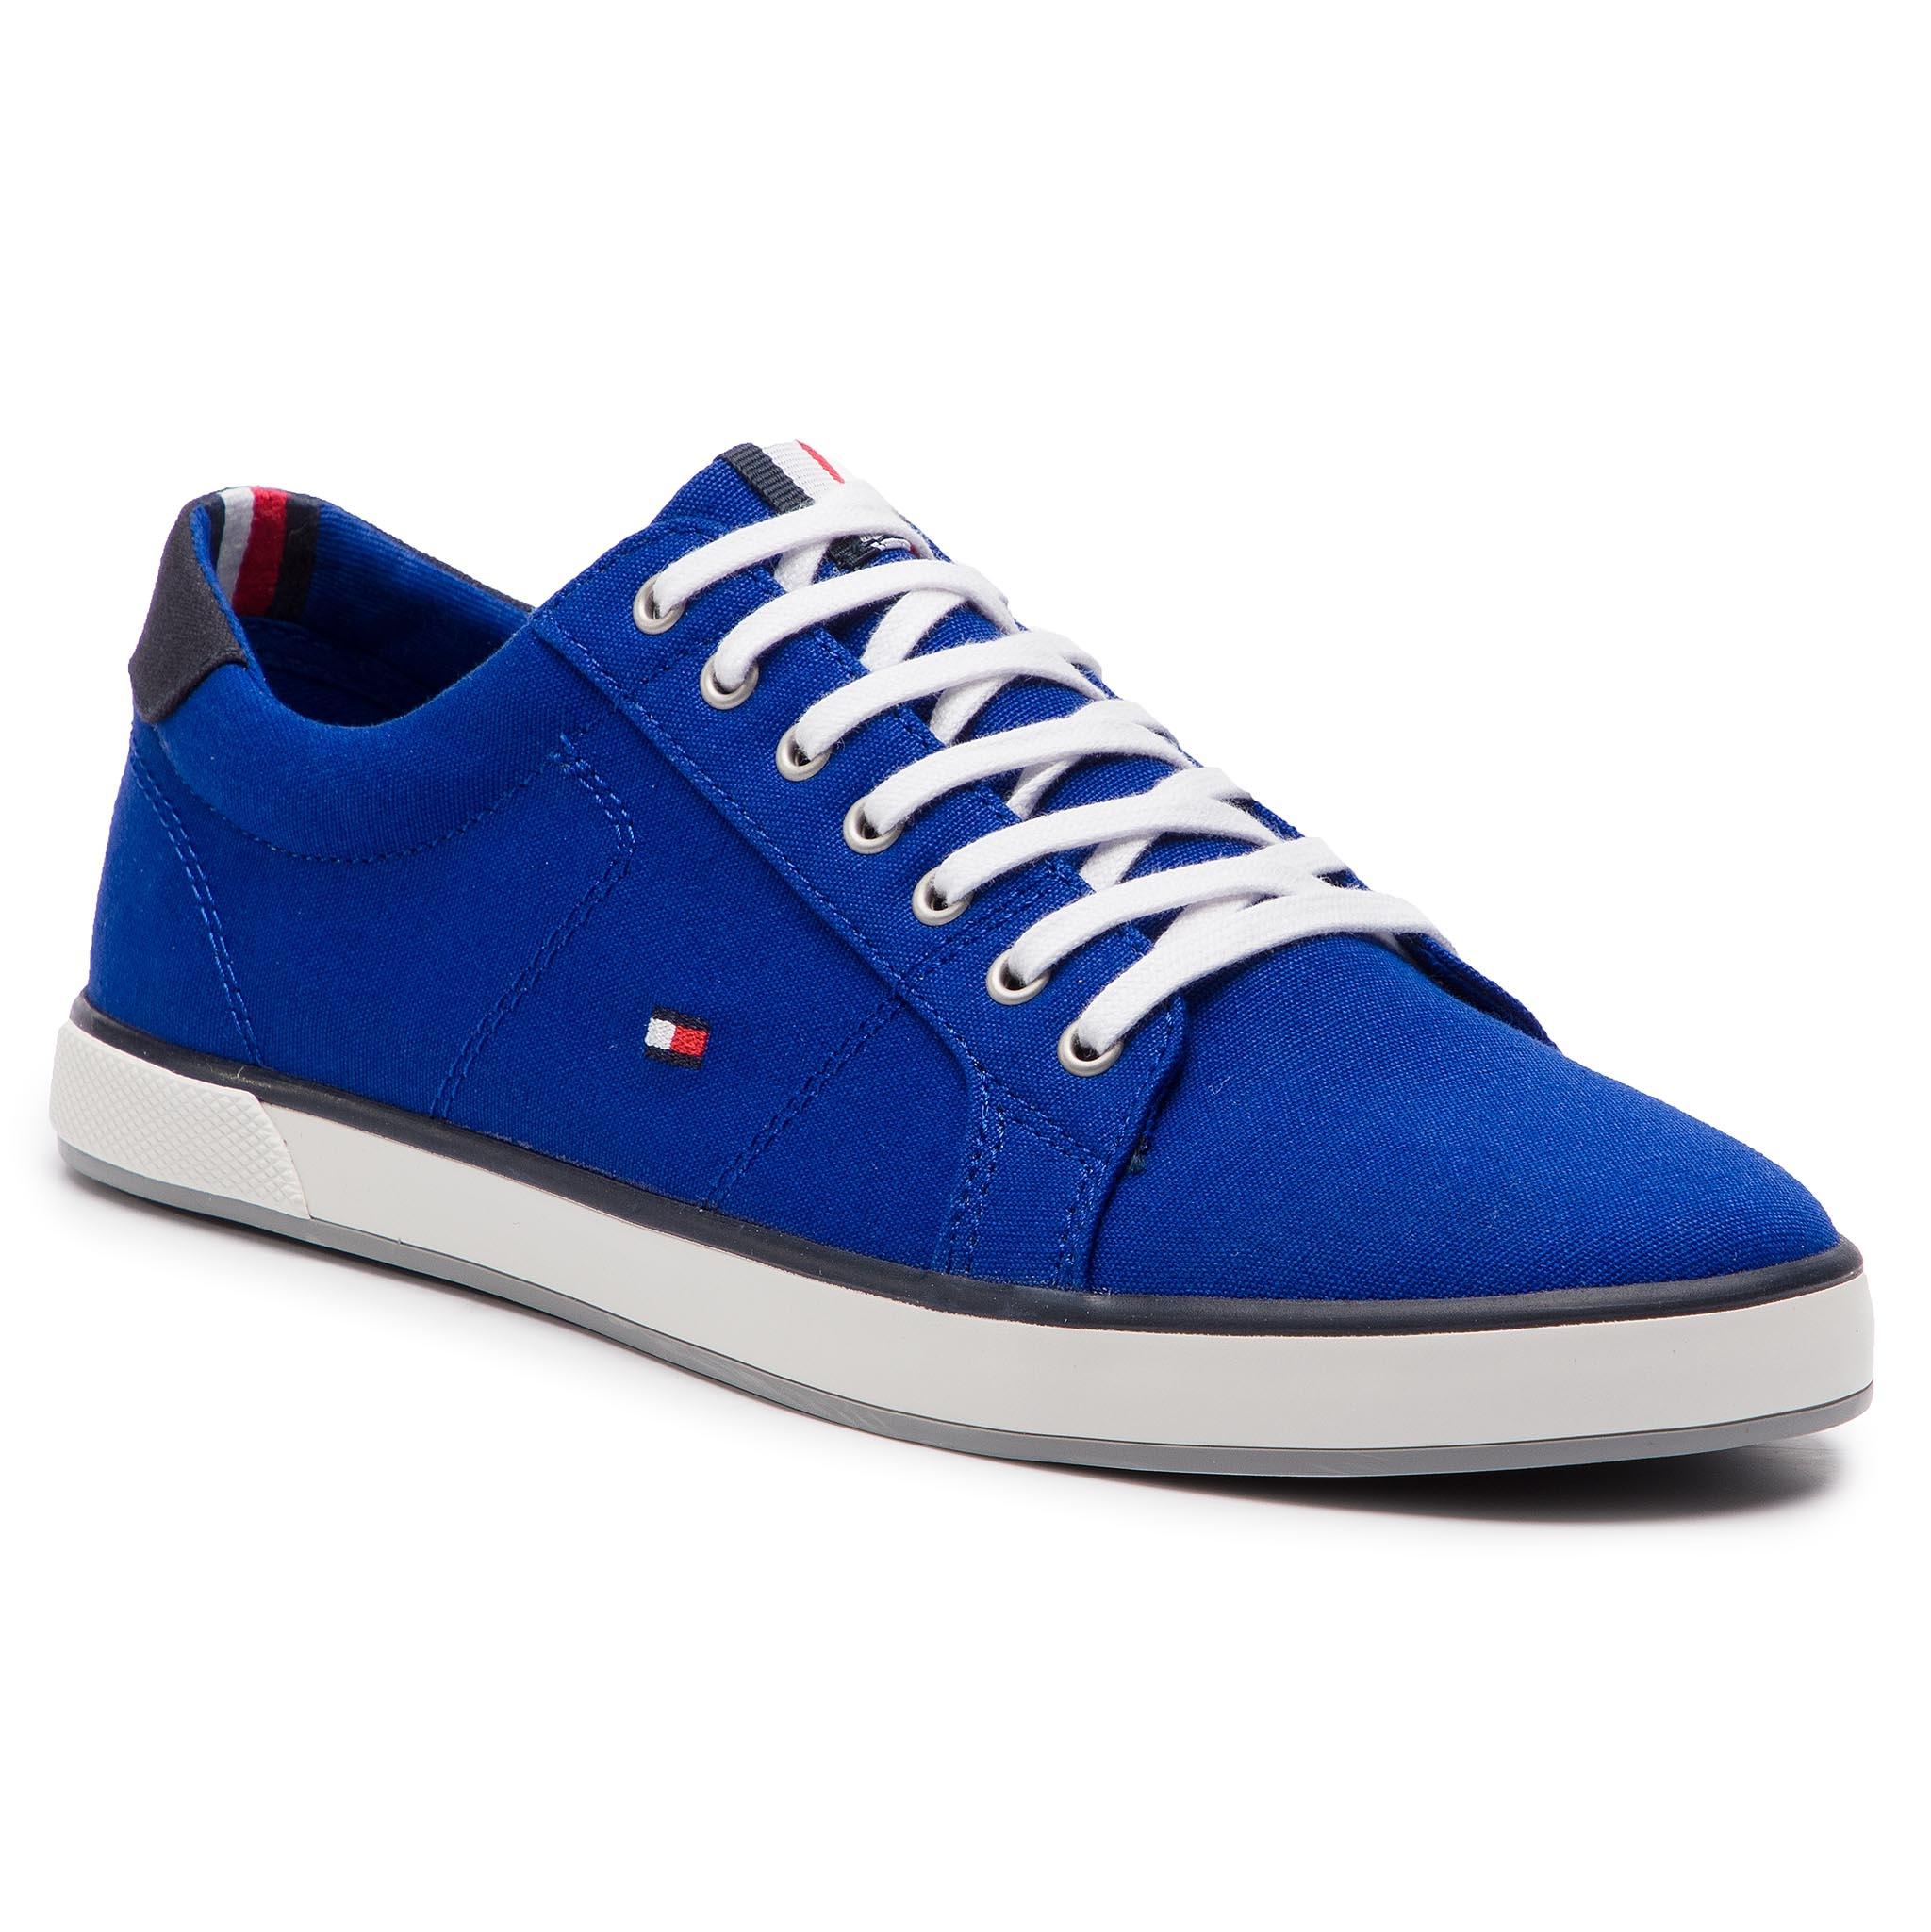 e8fd3462c798 Plimsolls TOMMY HILFIGER Iconic Long Lace Sneaker FM0FM01536 Mazarine Blue  440